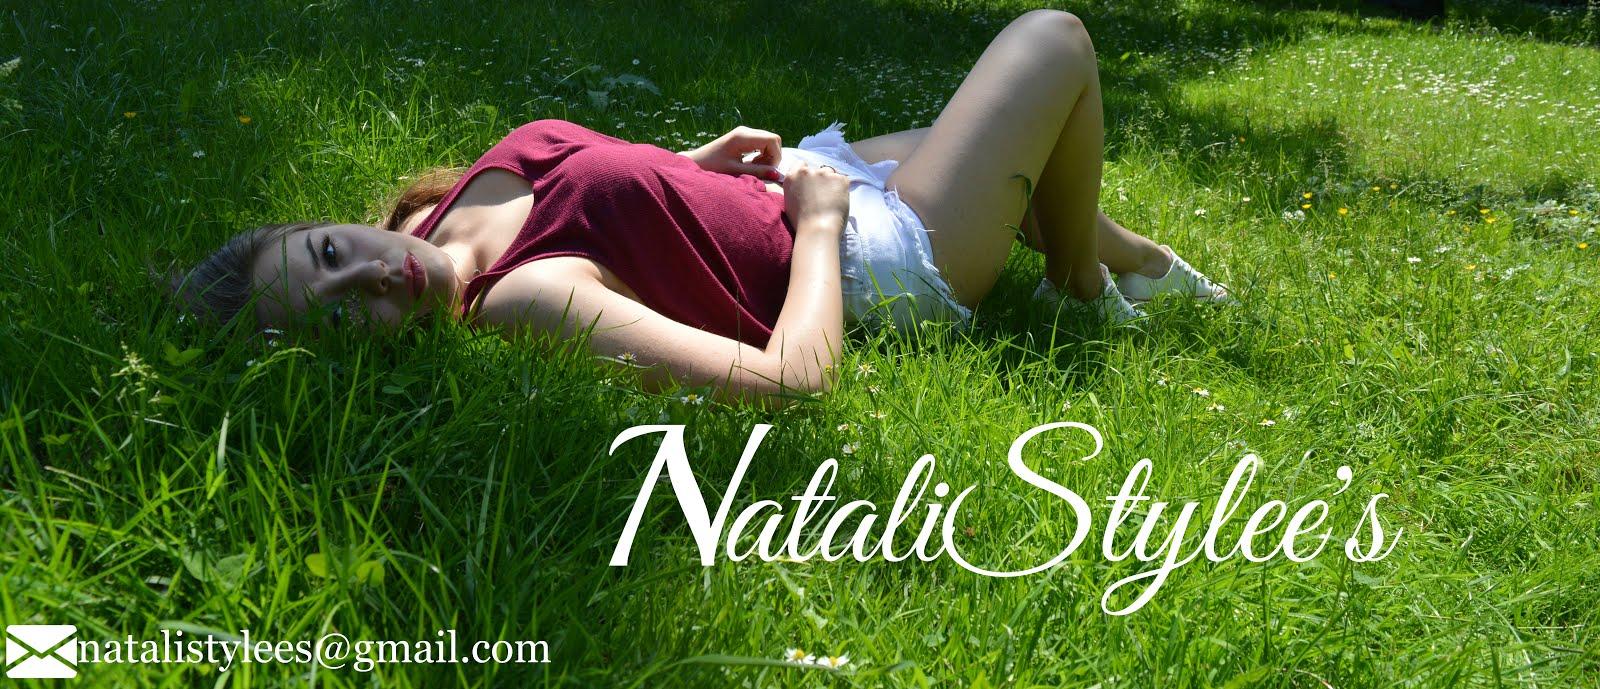 NataliStylee's